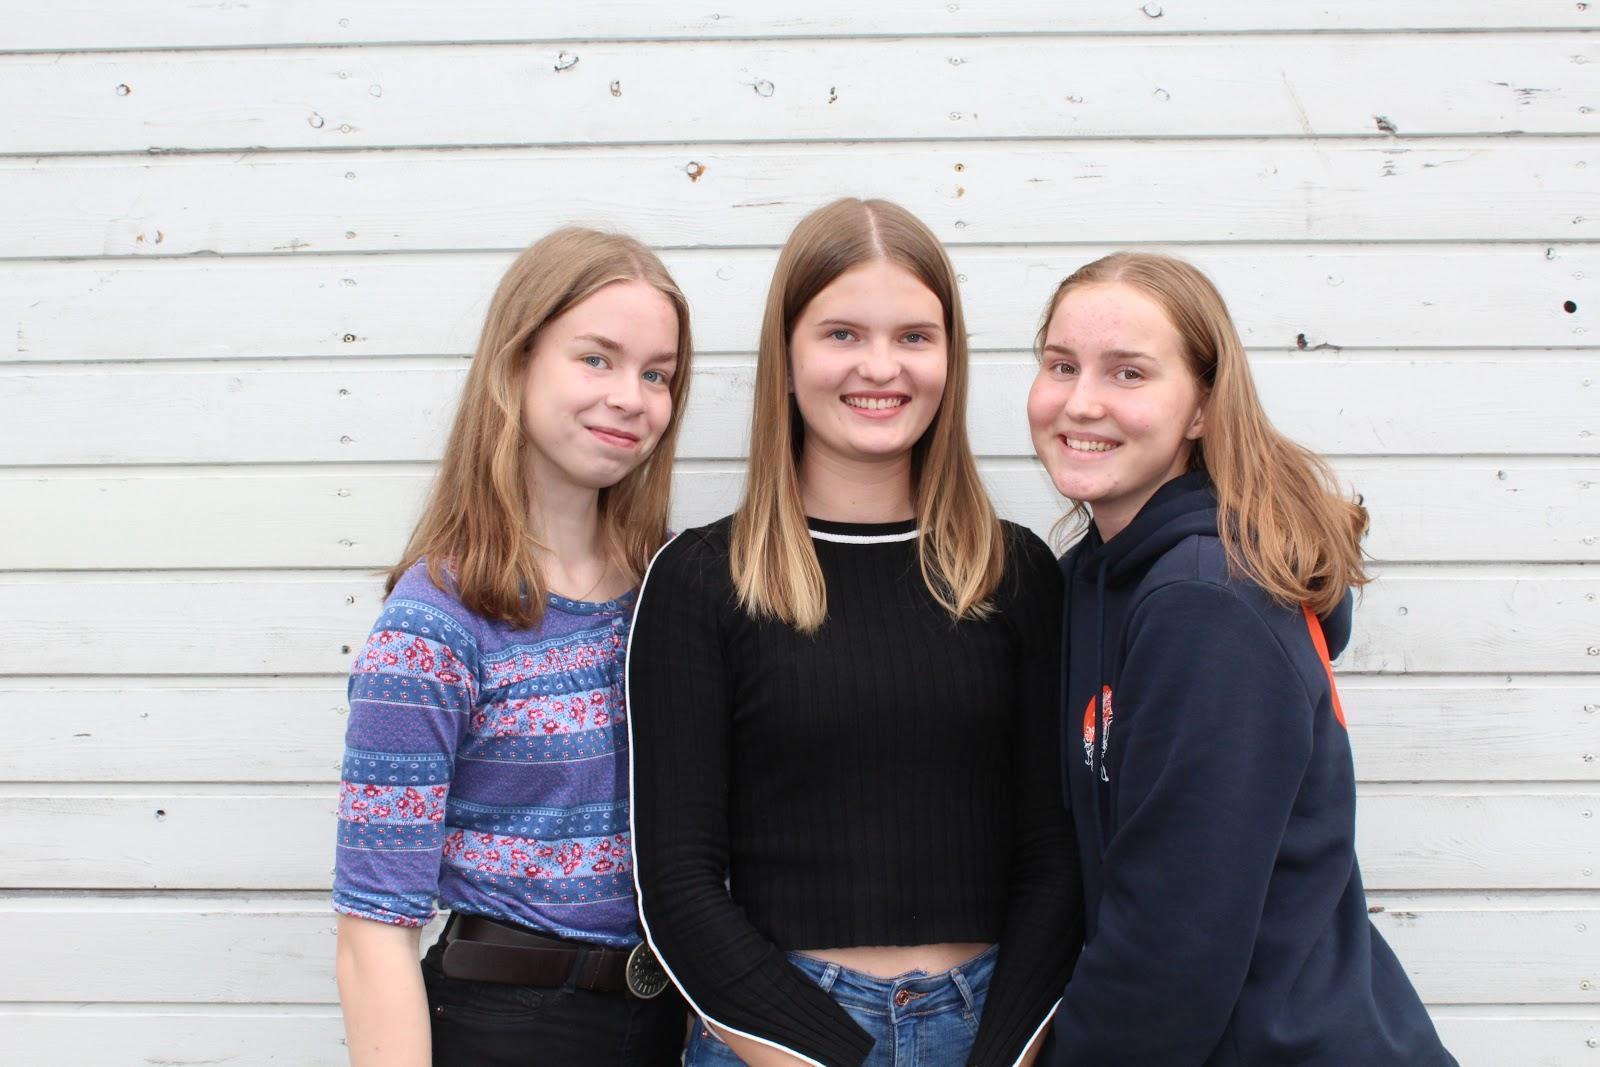 eroakiireesta_Maria Tuuliainen, Riina Laakso ja Emmi Tuovinen_Juvan lukio_Mikkelin seutu